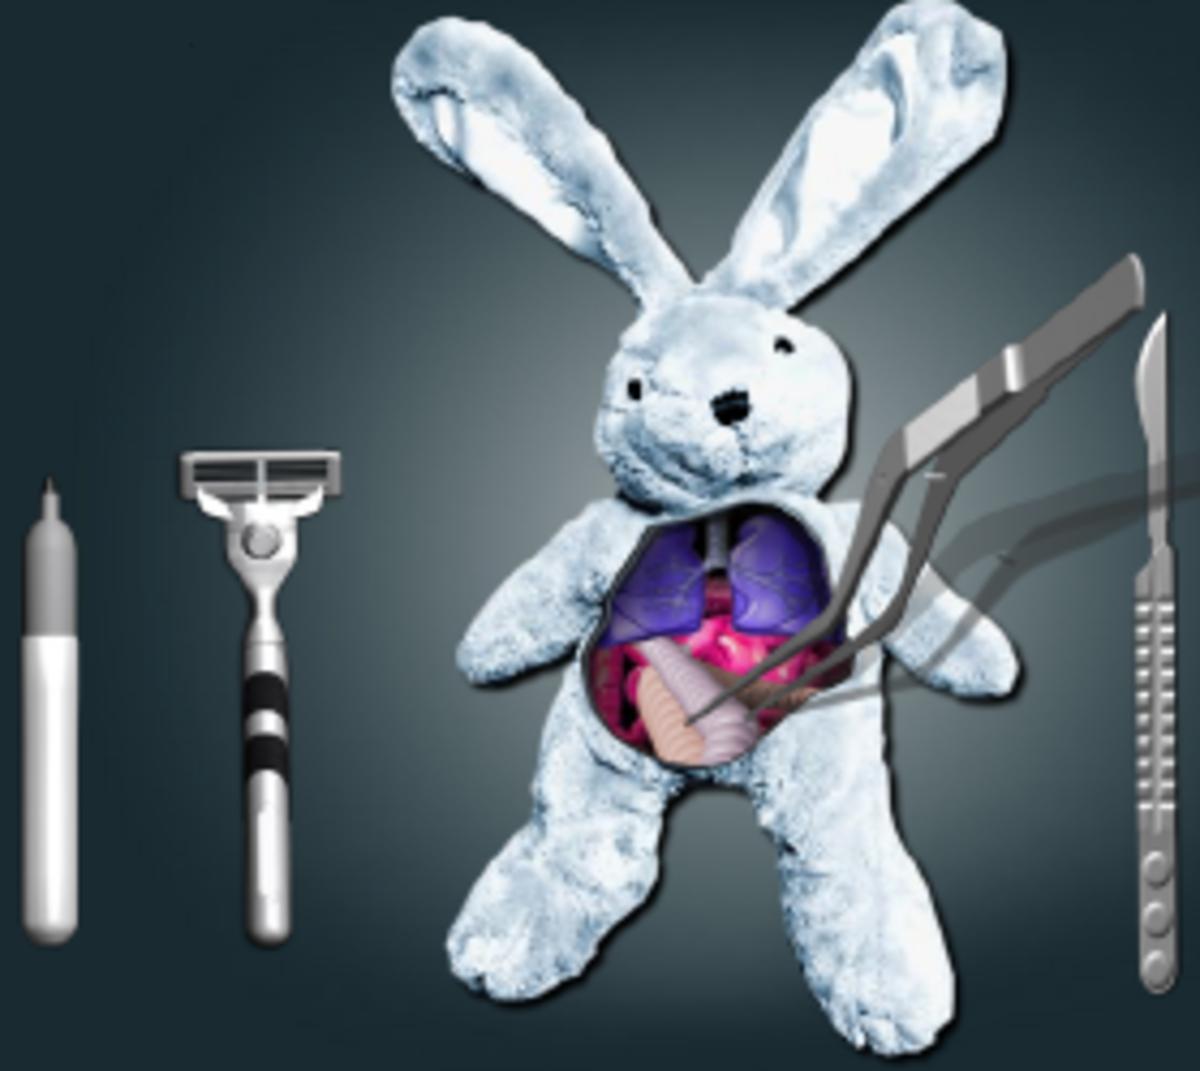 pectus-excavatum-insurance--surgery-tips